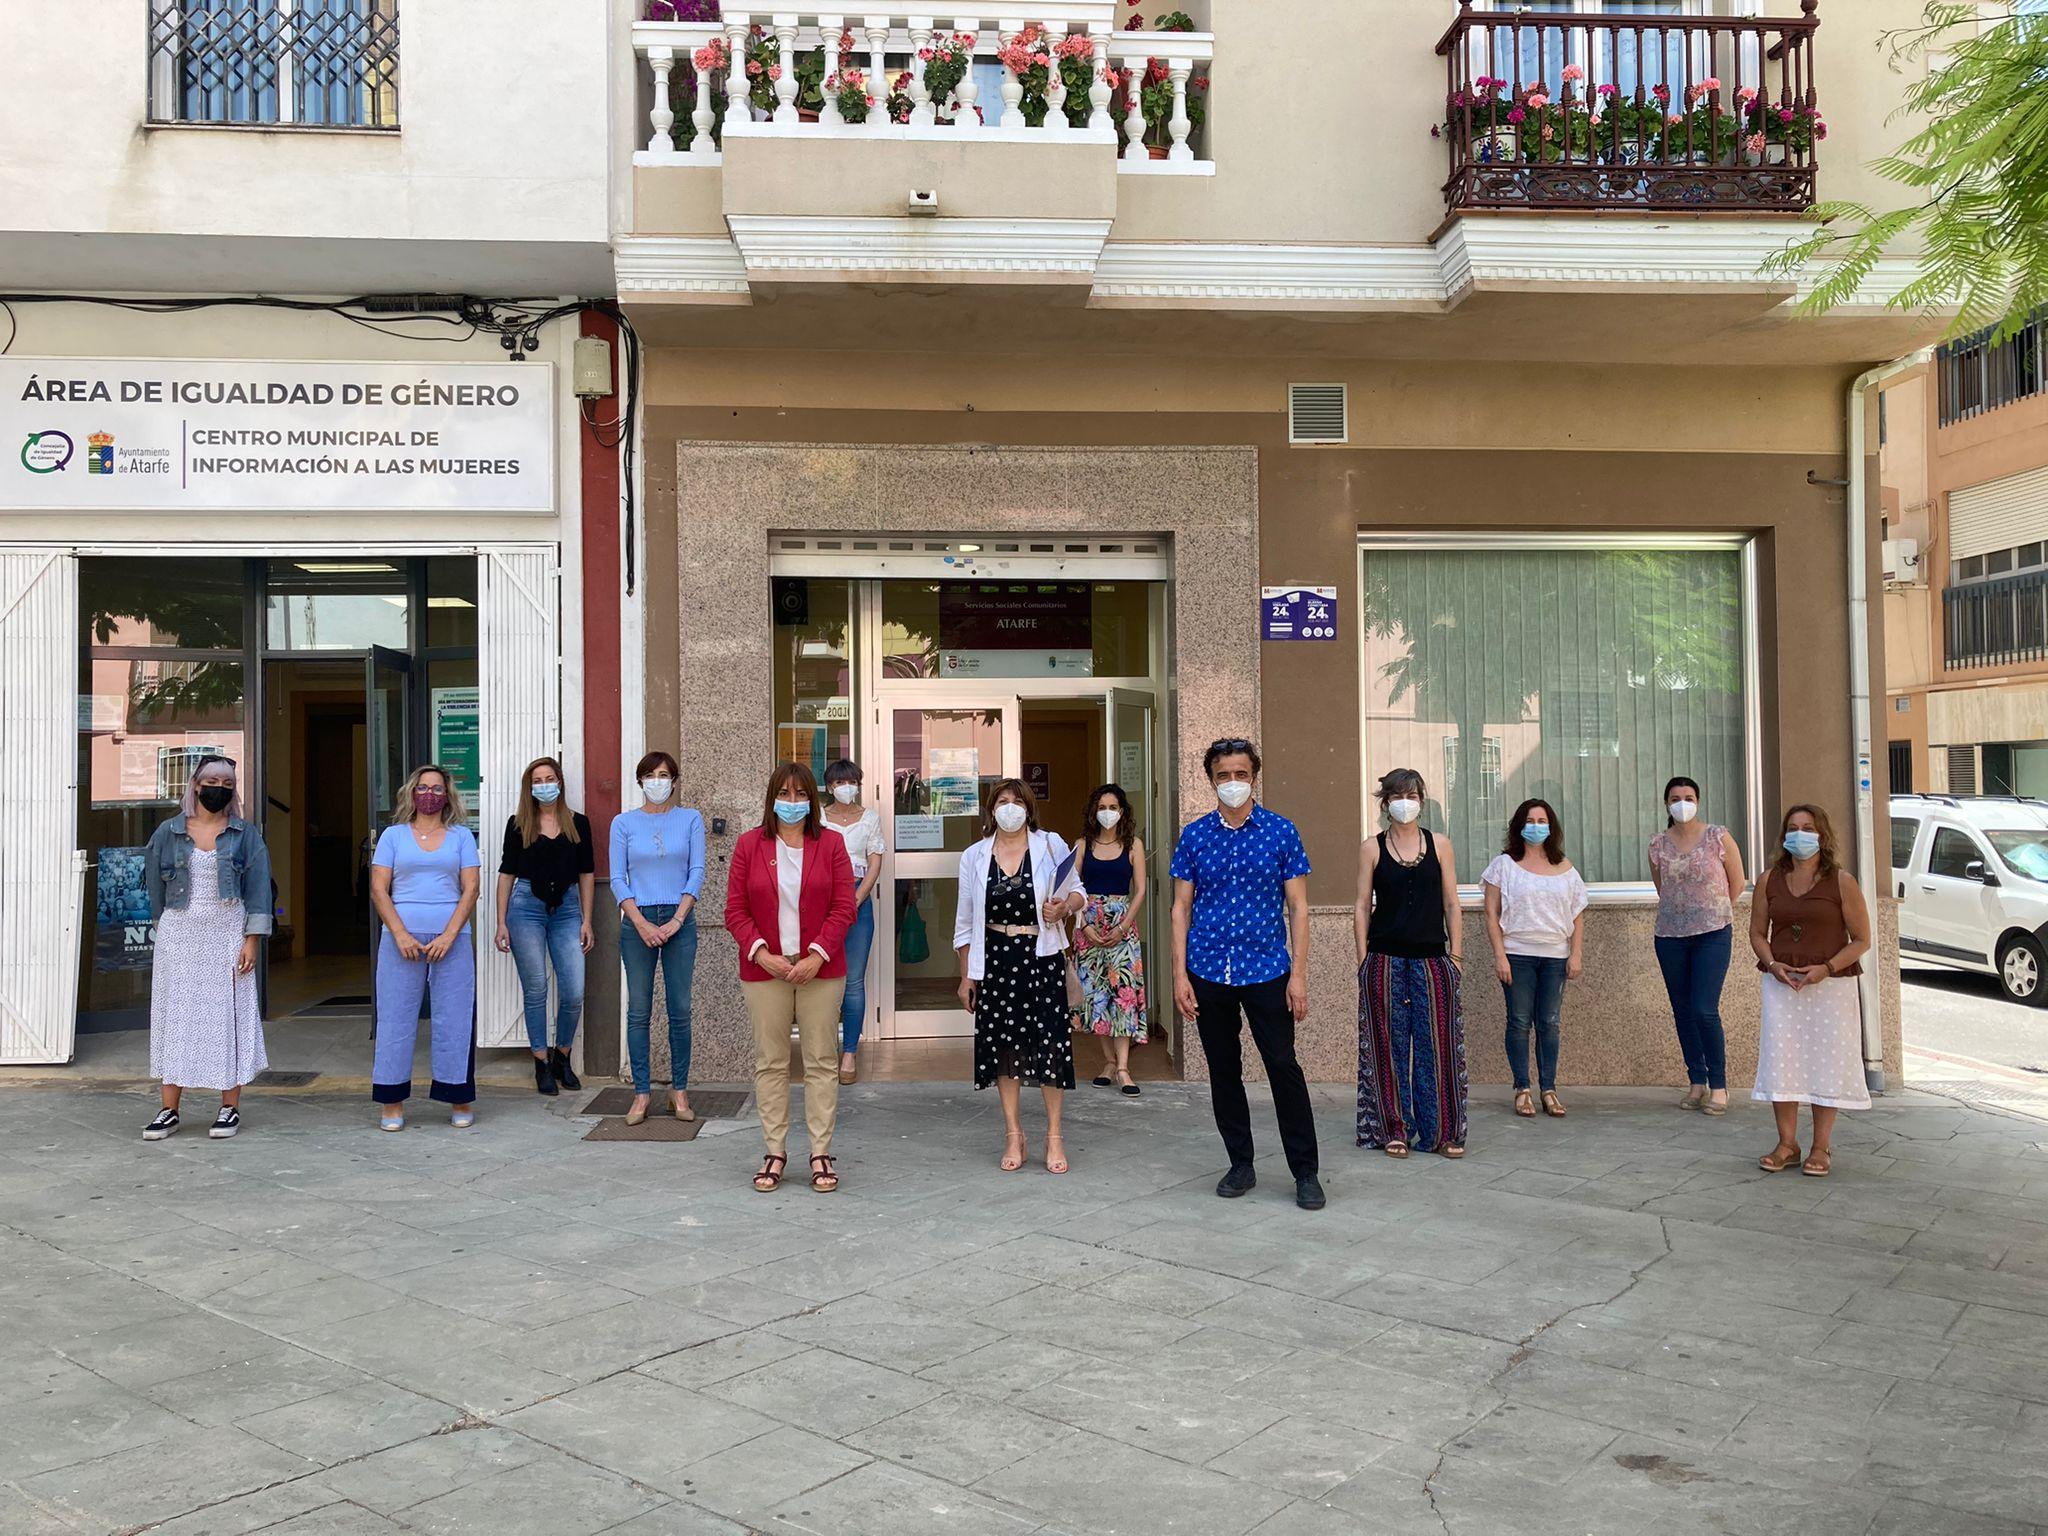 Atarfe recibirá 80.00 euros para contratar a personas vulnerables